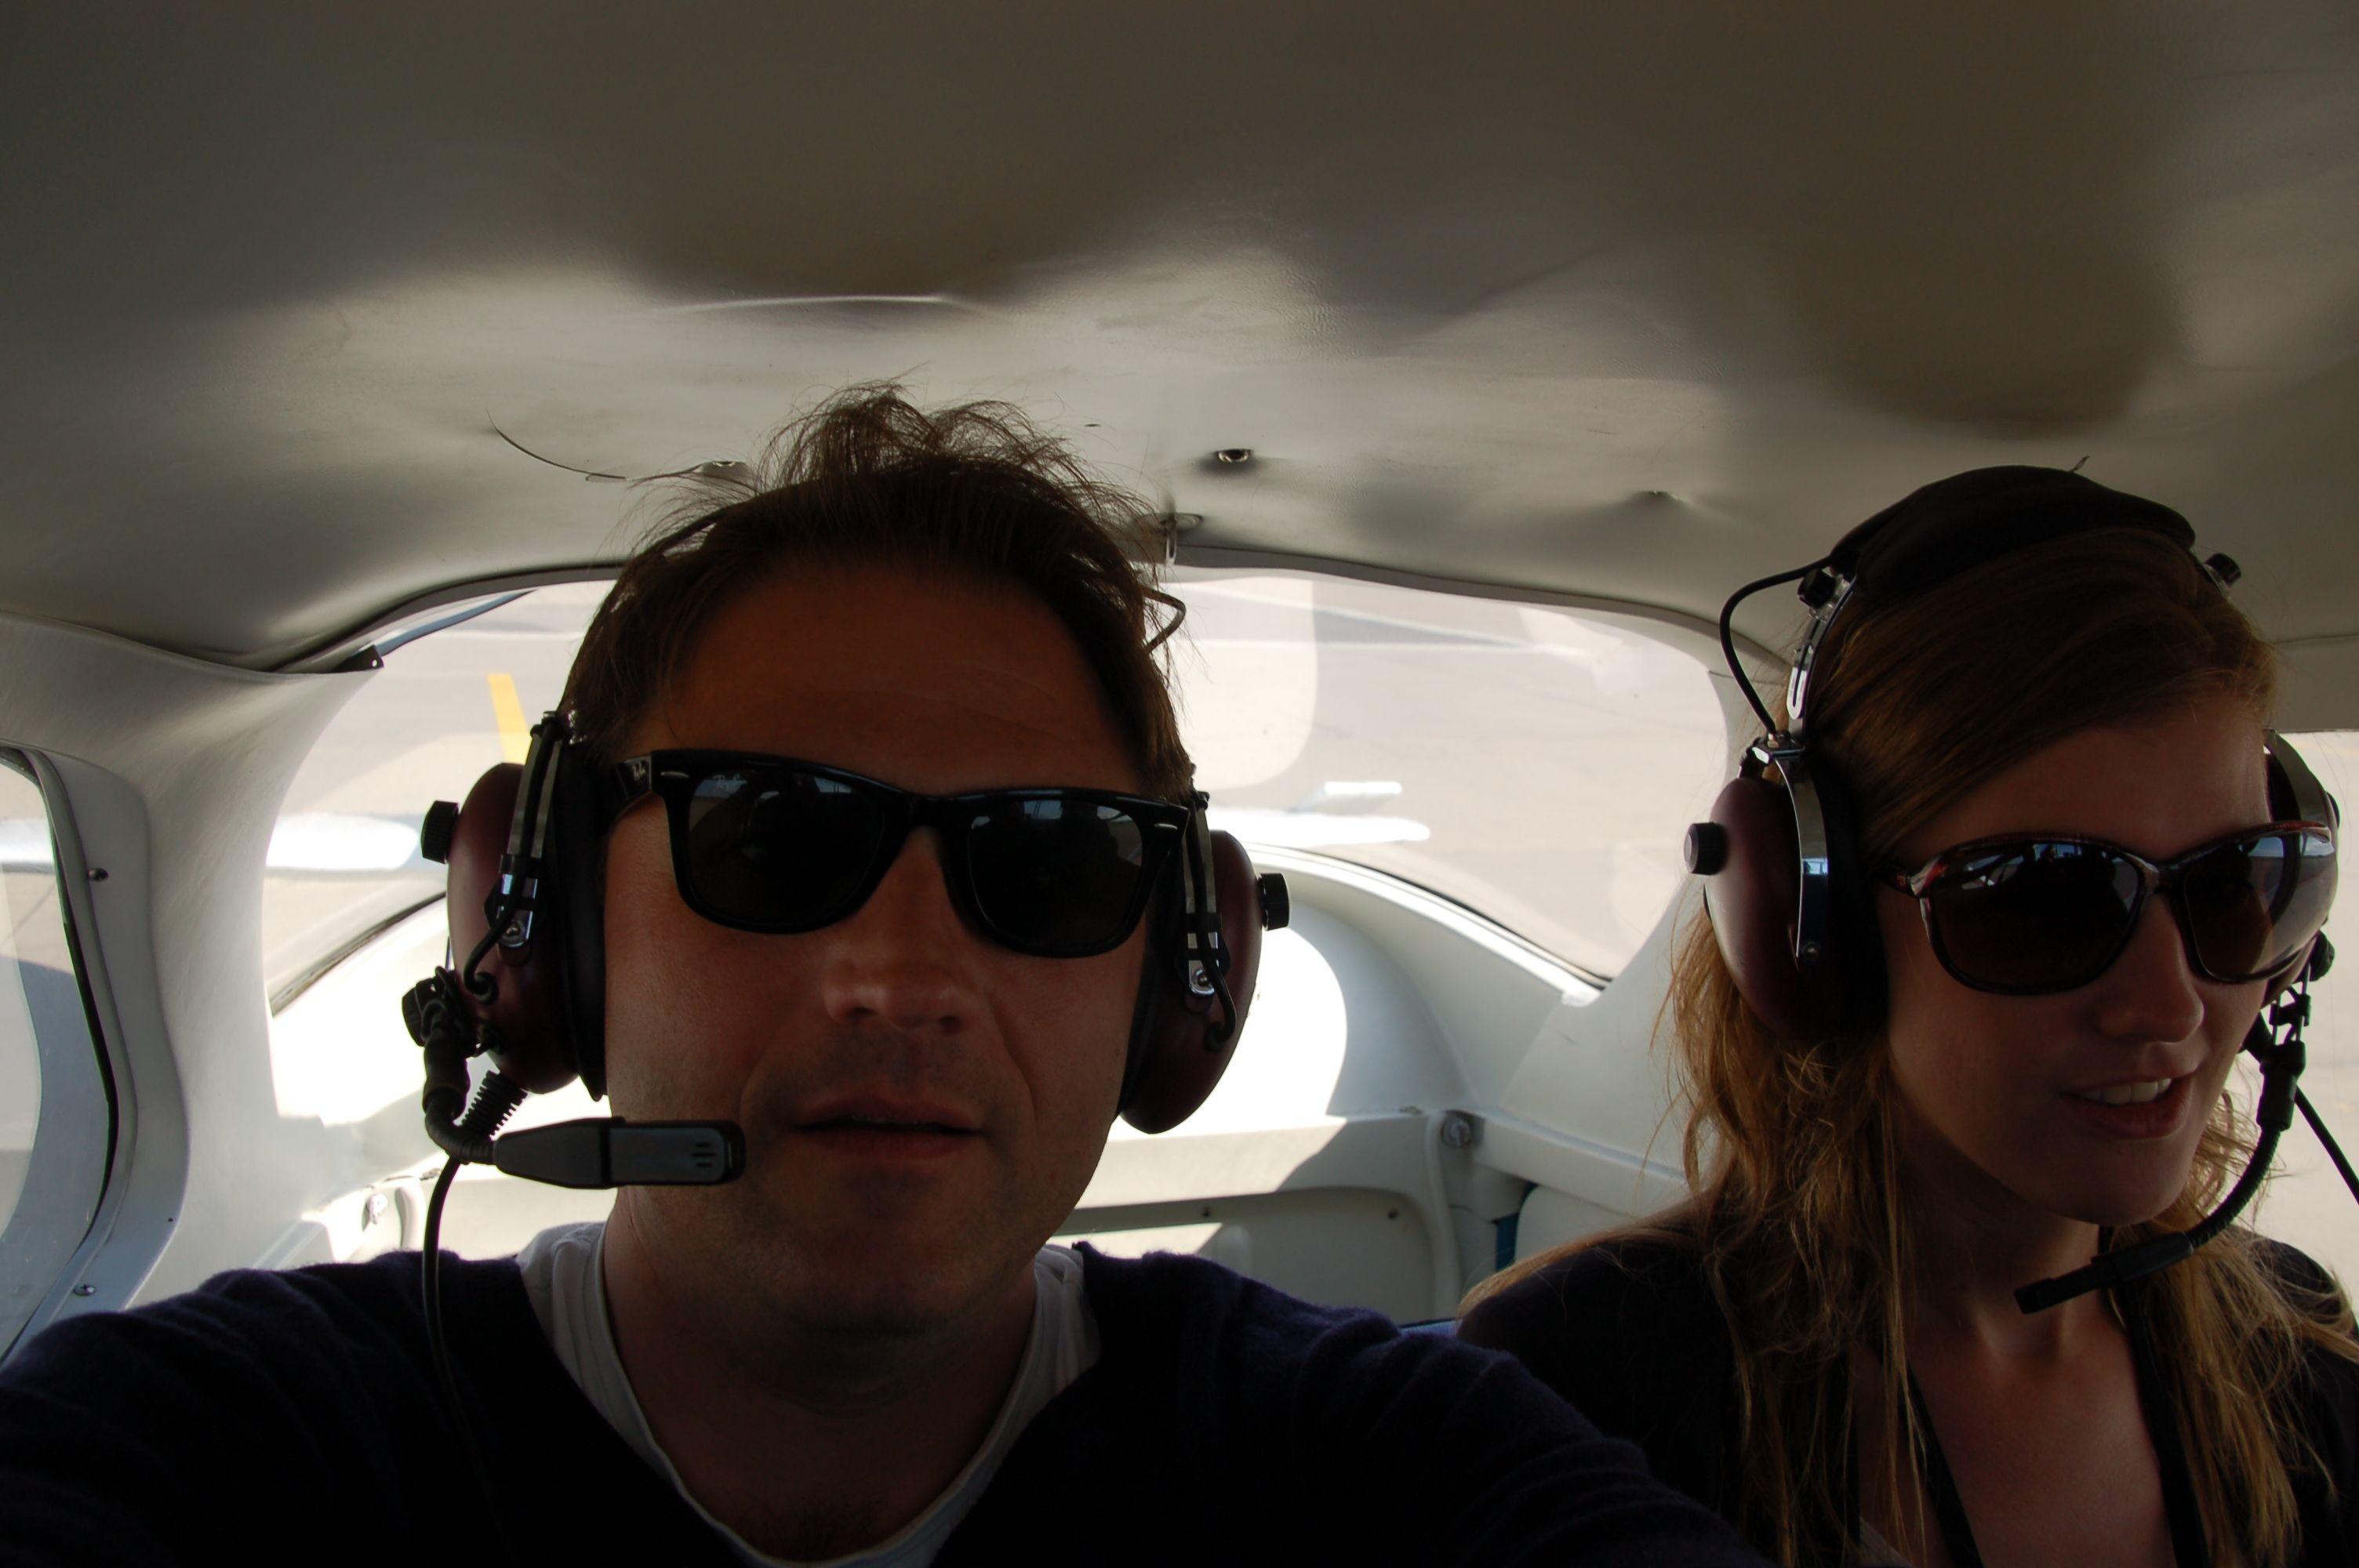 Kopfhörer-Recherche in 300 Metern Höhe